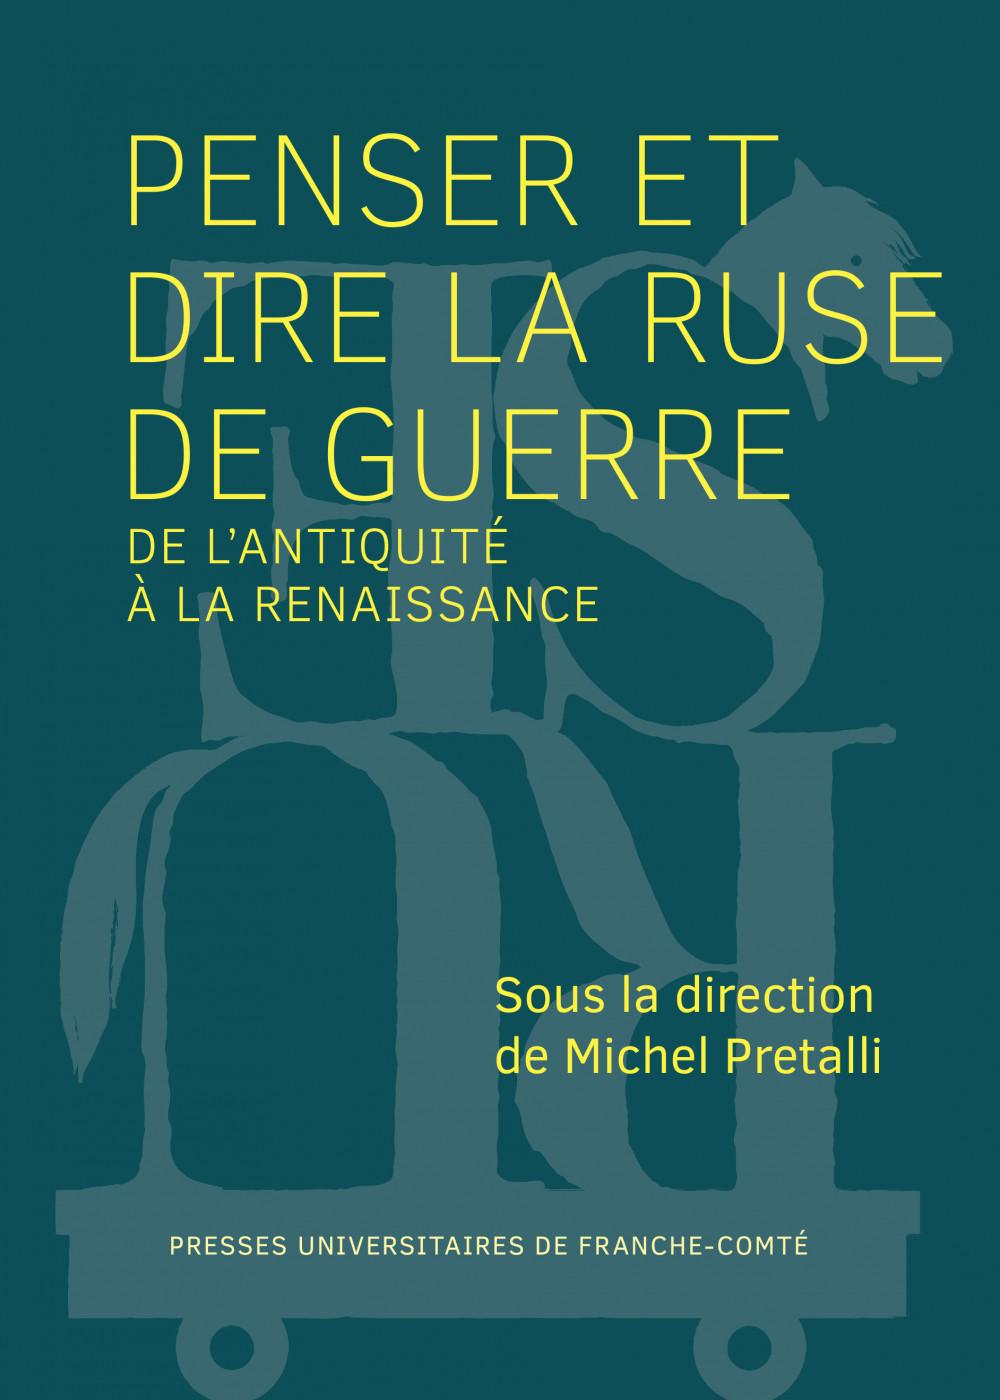 couverture de l'ouvrage Penser et dire la ruse de guerre de l'Antiquité à la Renaissance de Michel PRETALLI